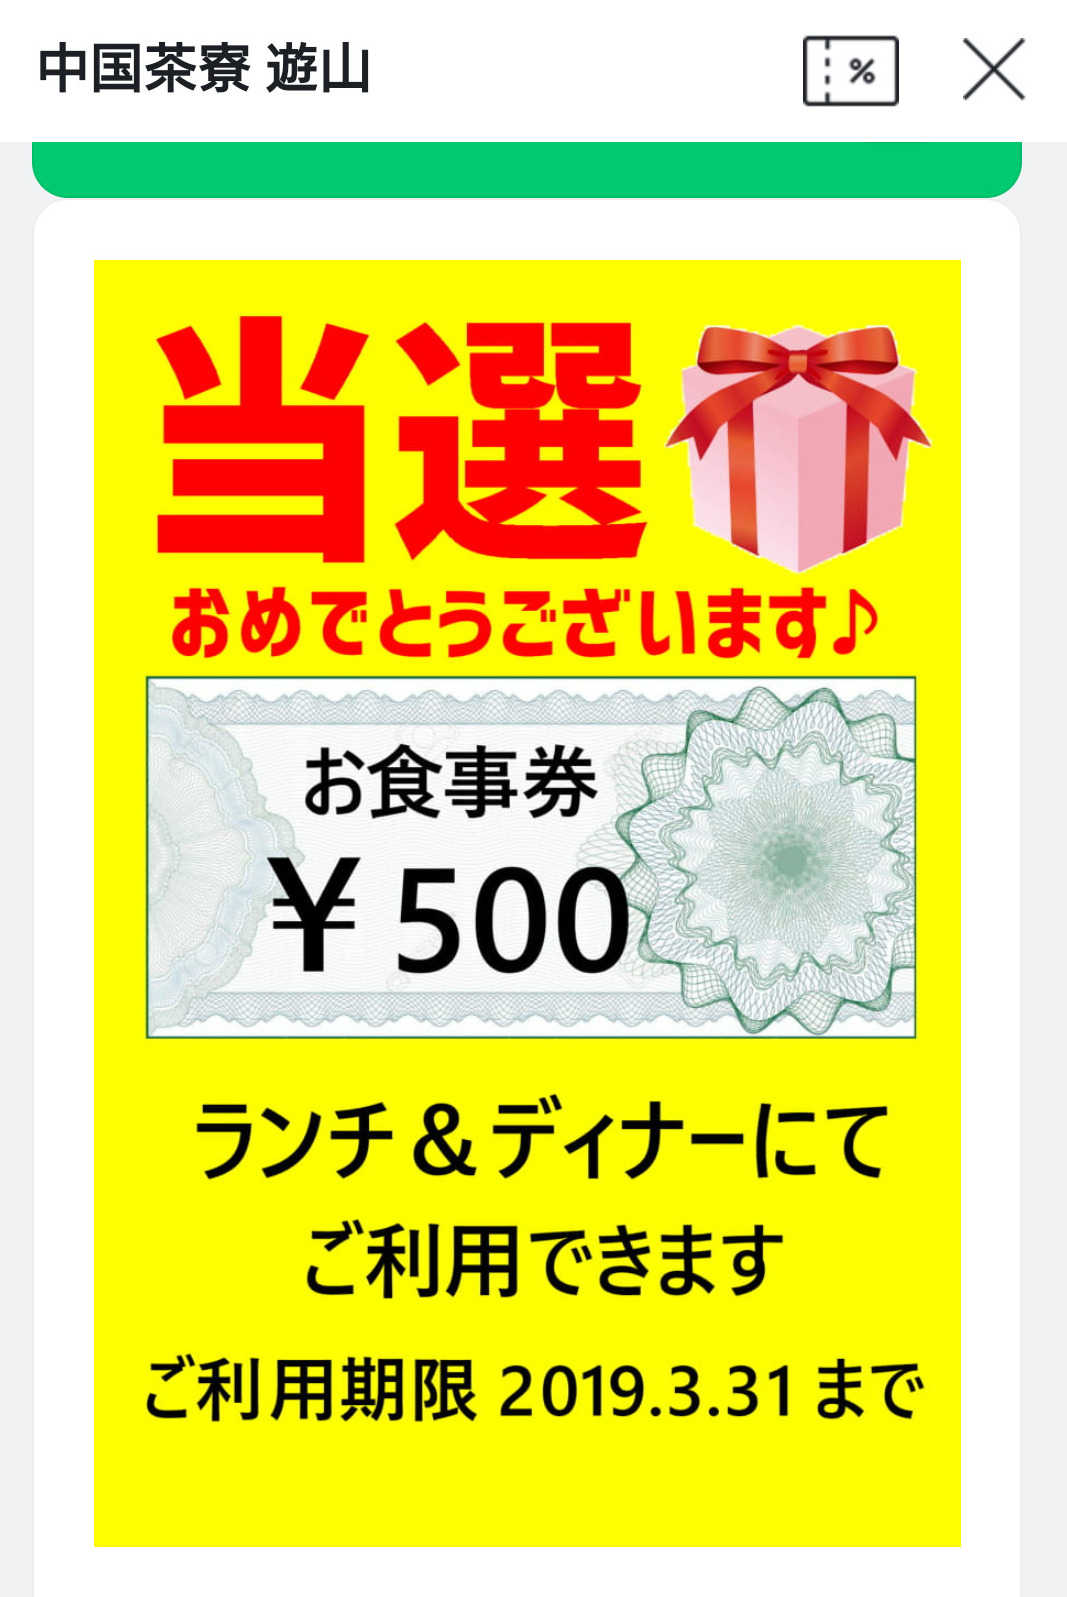 遊山の500円割引クーポン